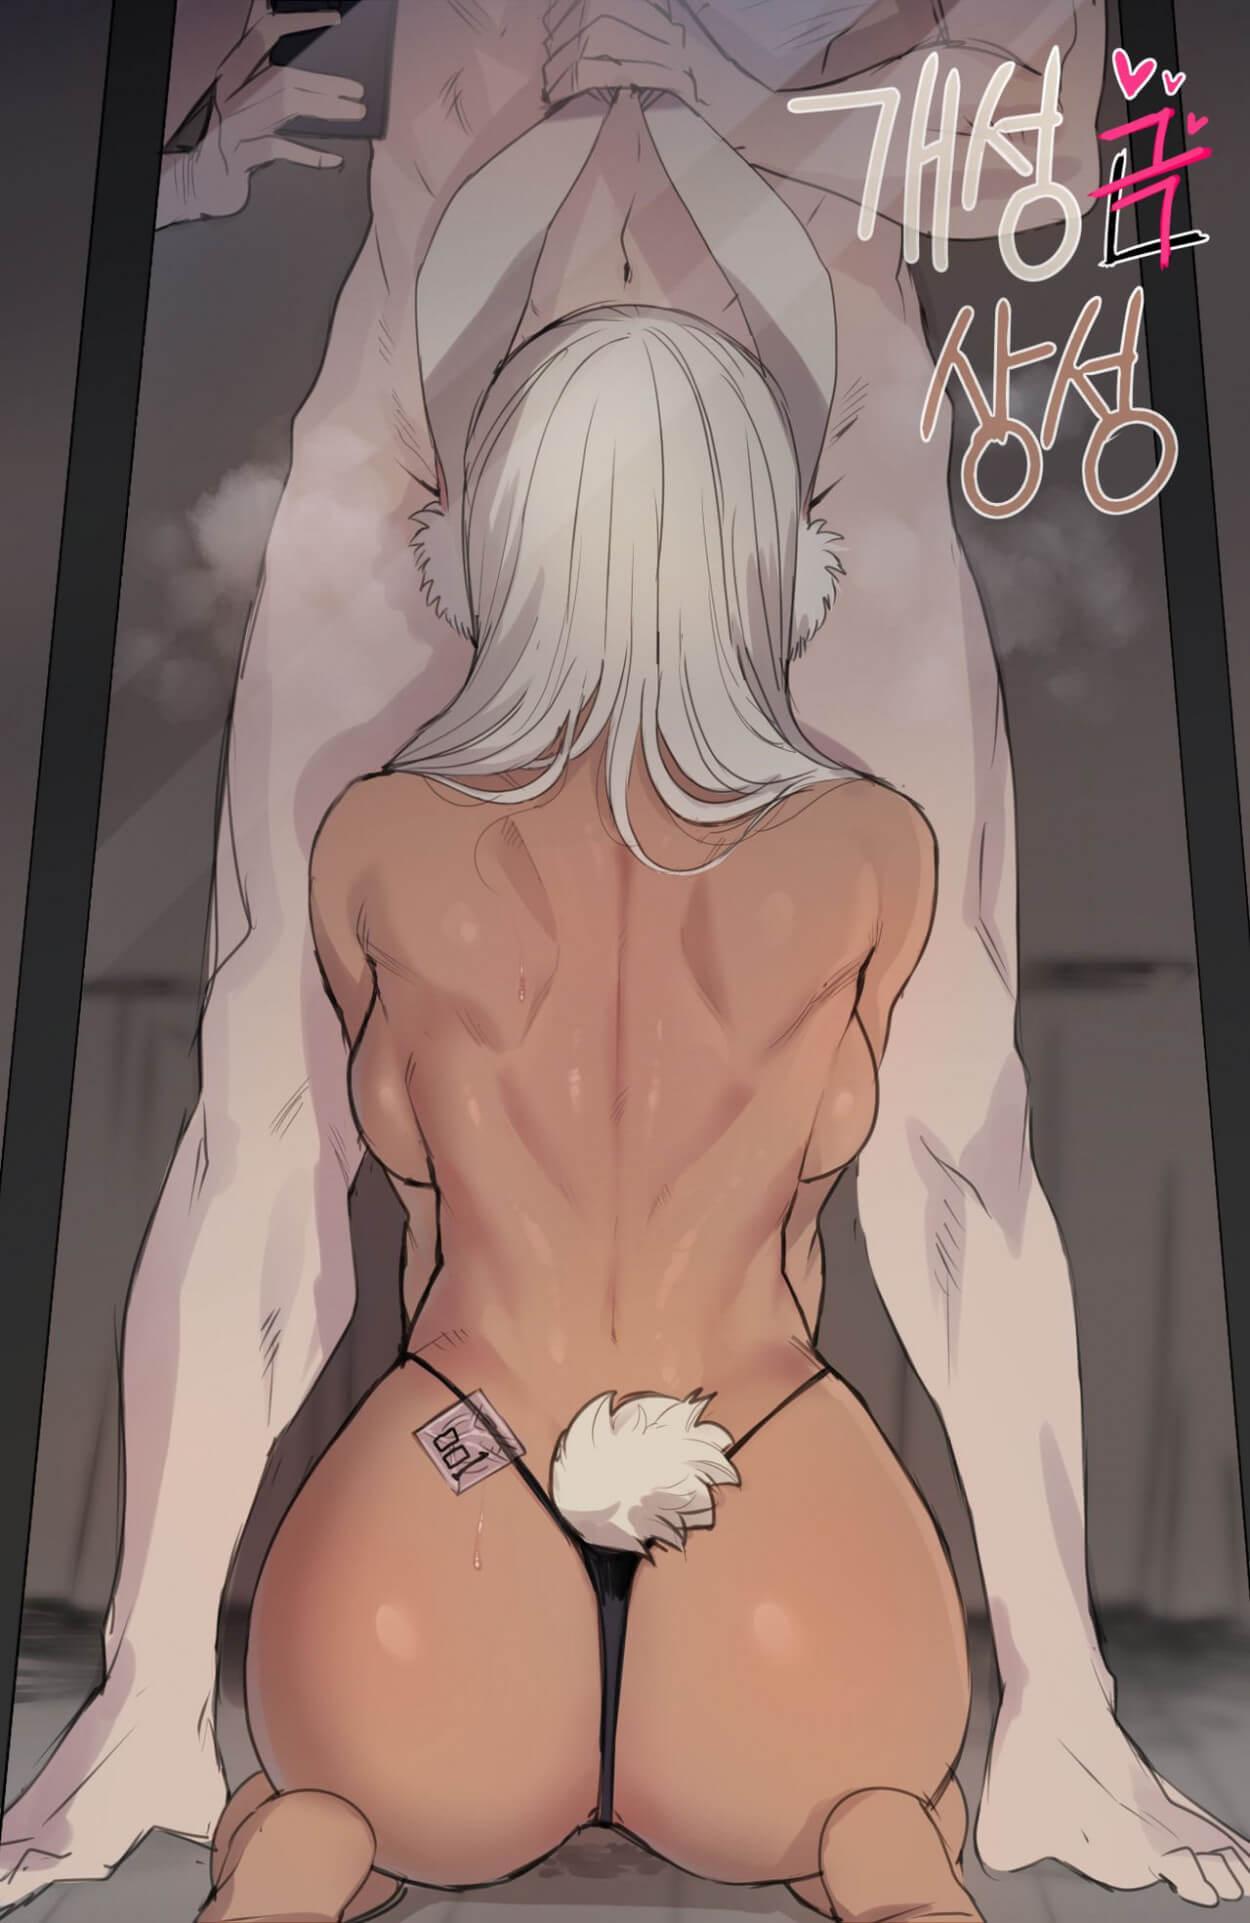 Порно комиксы - Мируко - Индивидуальная совместимость Без цензуры, Большие члены, Минет, Насилие, Порно комиксы, Супер-герои